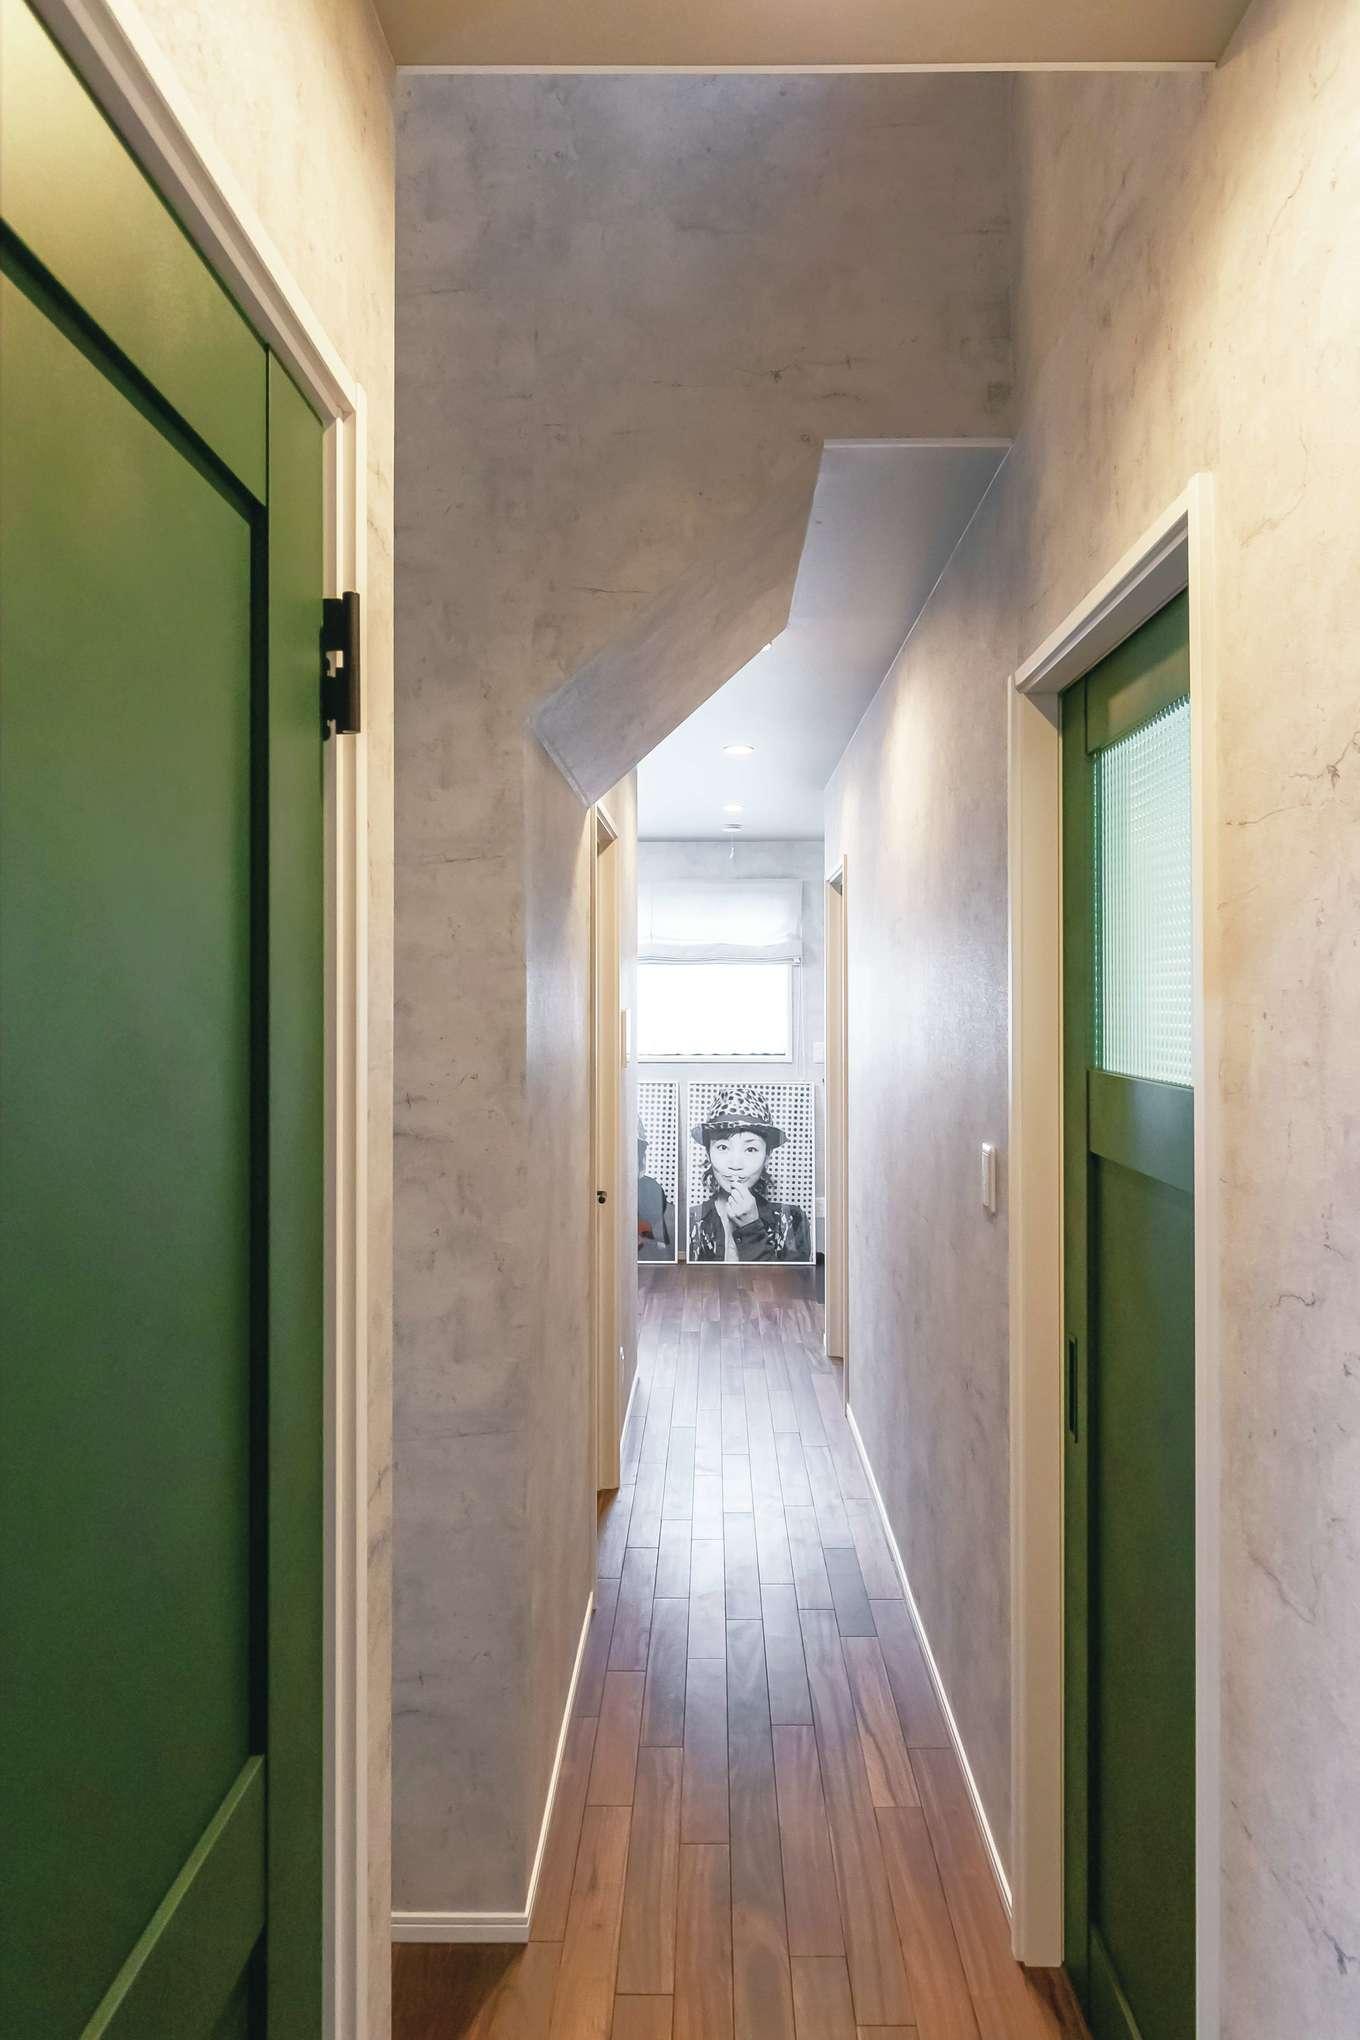 丸昇彦坂建設【1000万円台、デザイン住宅、子育て】NYのアパートを彷彿とさせる長い廊下。マットな質感の建具がニュアンスを与える